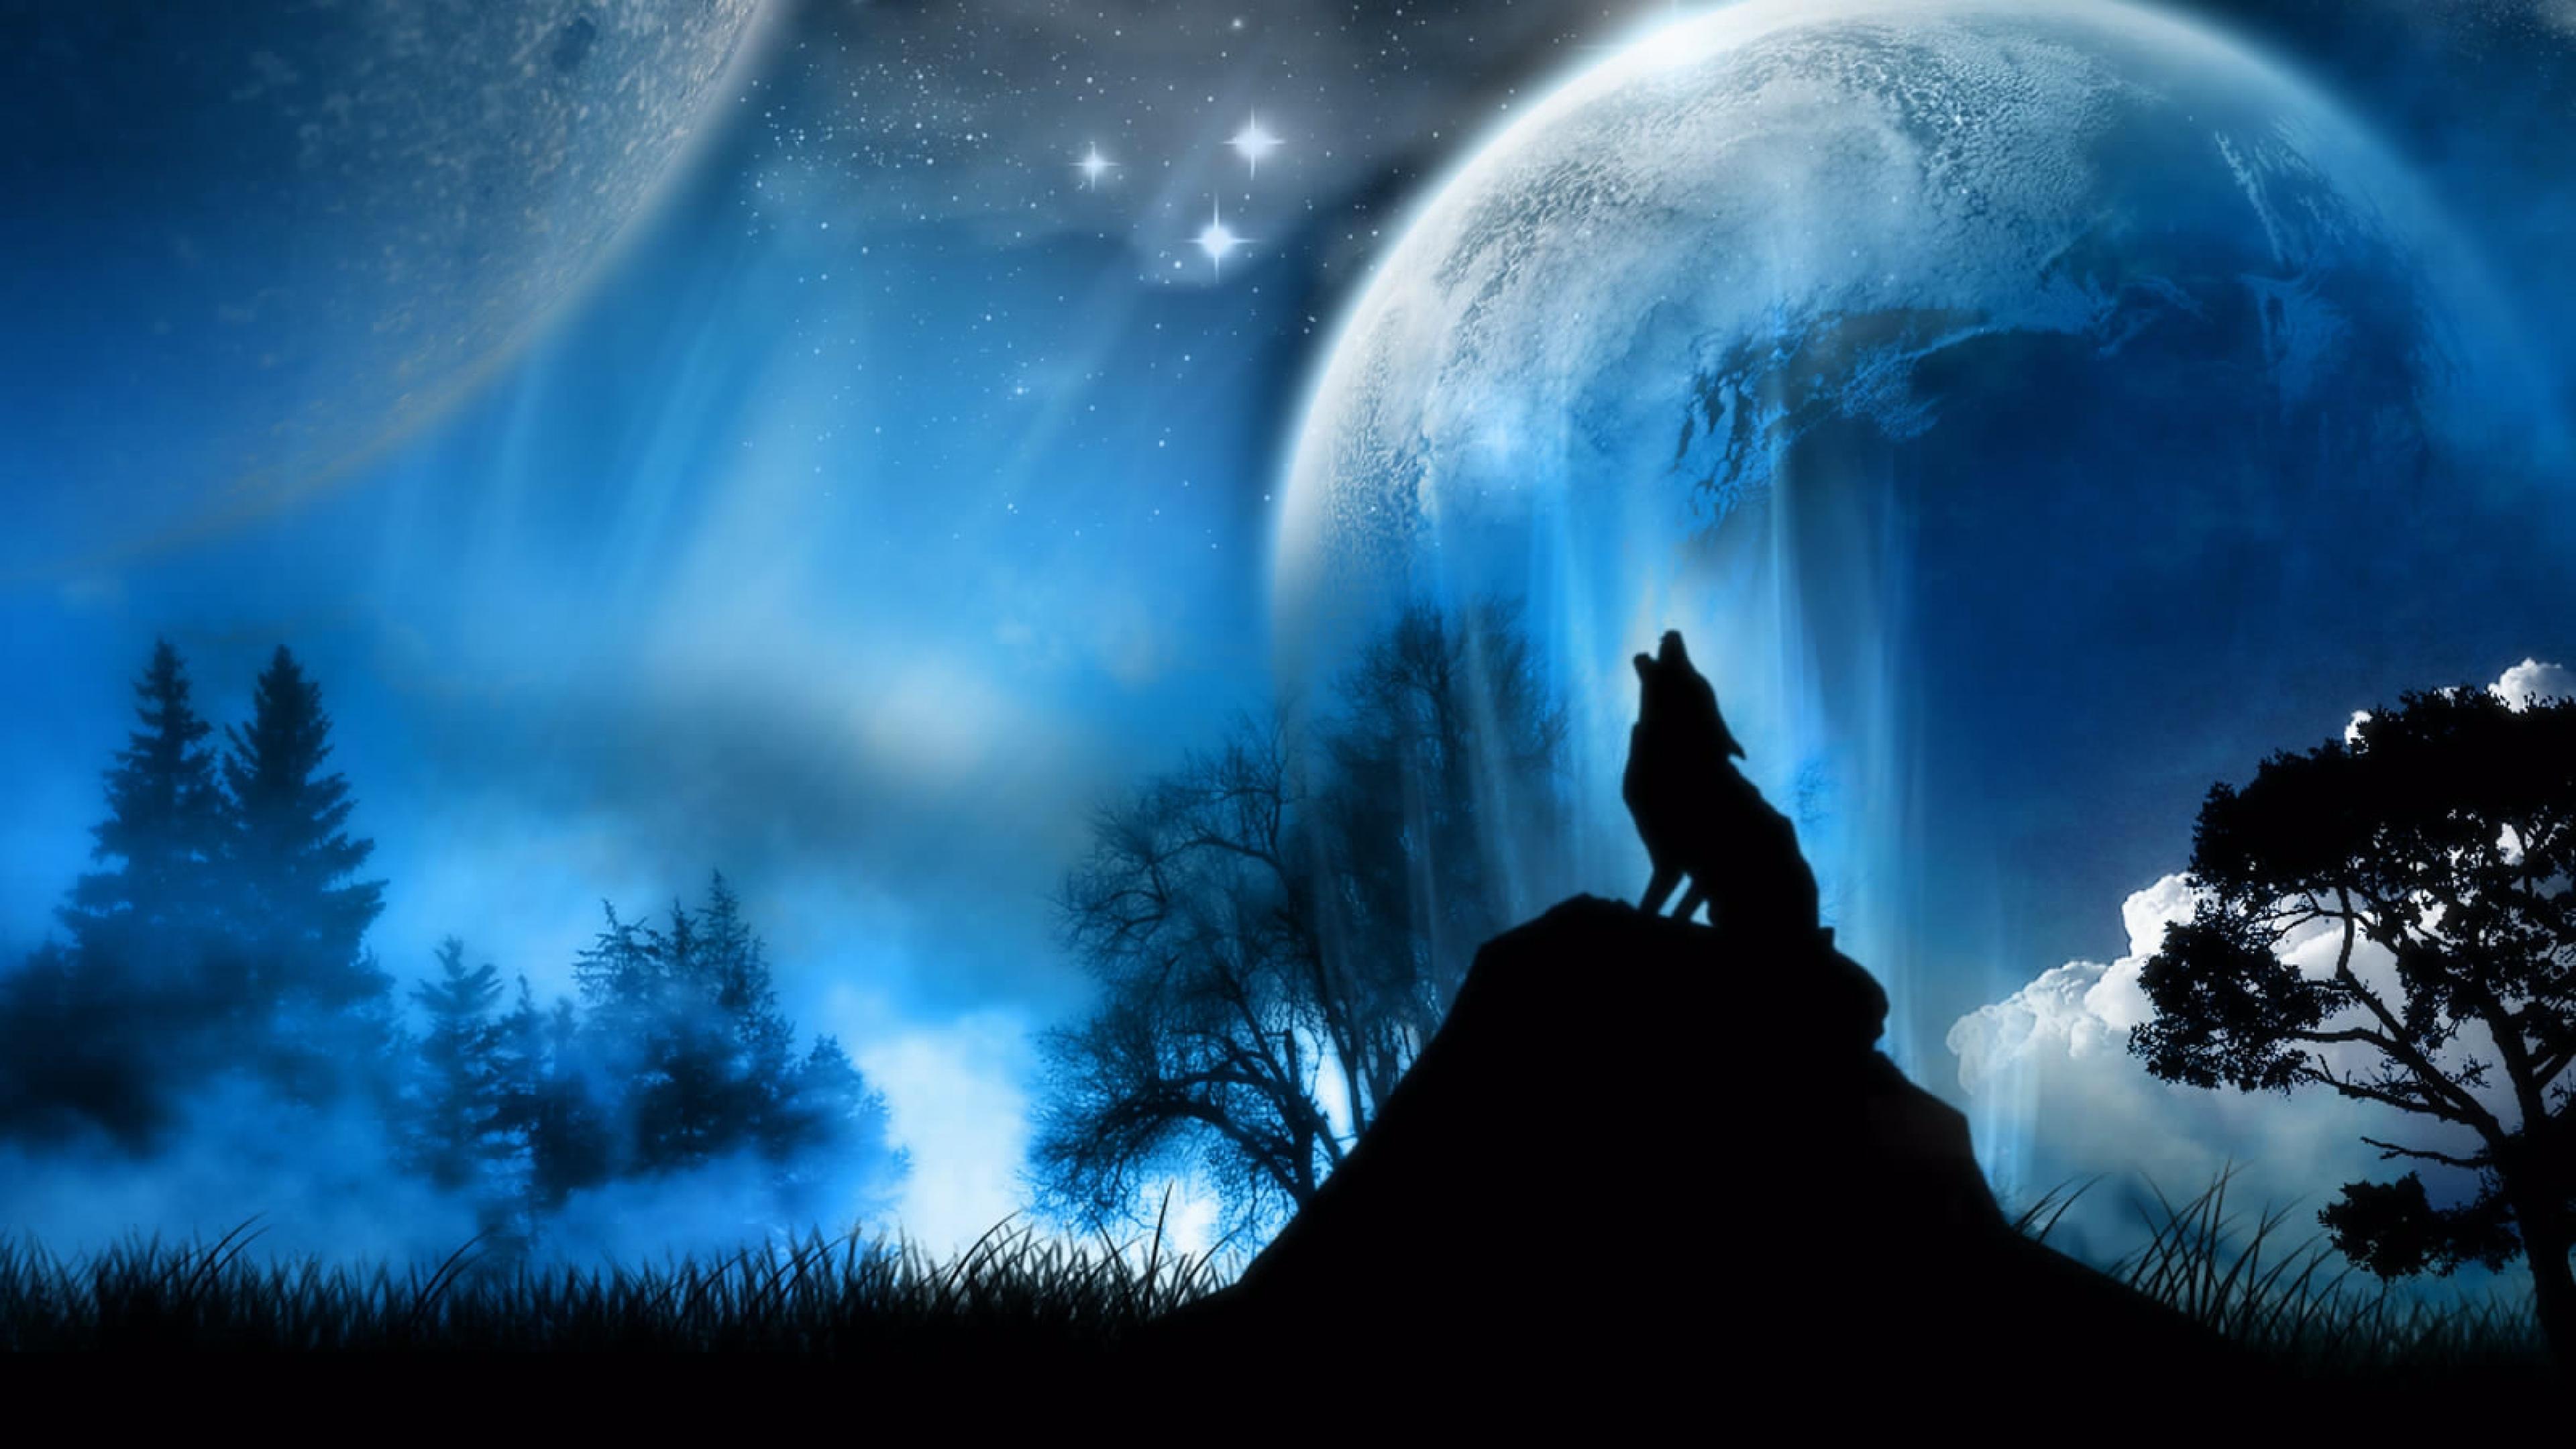 3840x2160 Wallpaper moonlight wolf fantasy 3840x2160